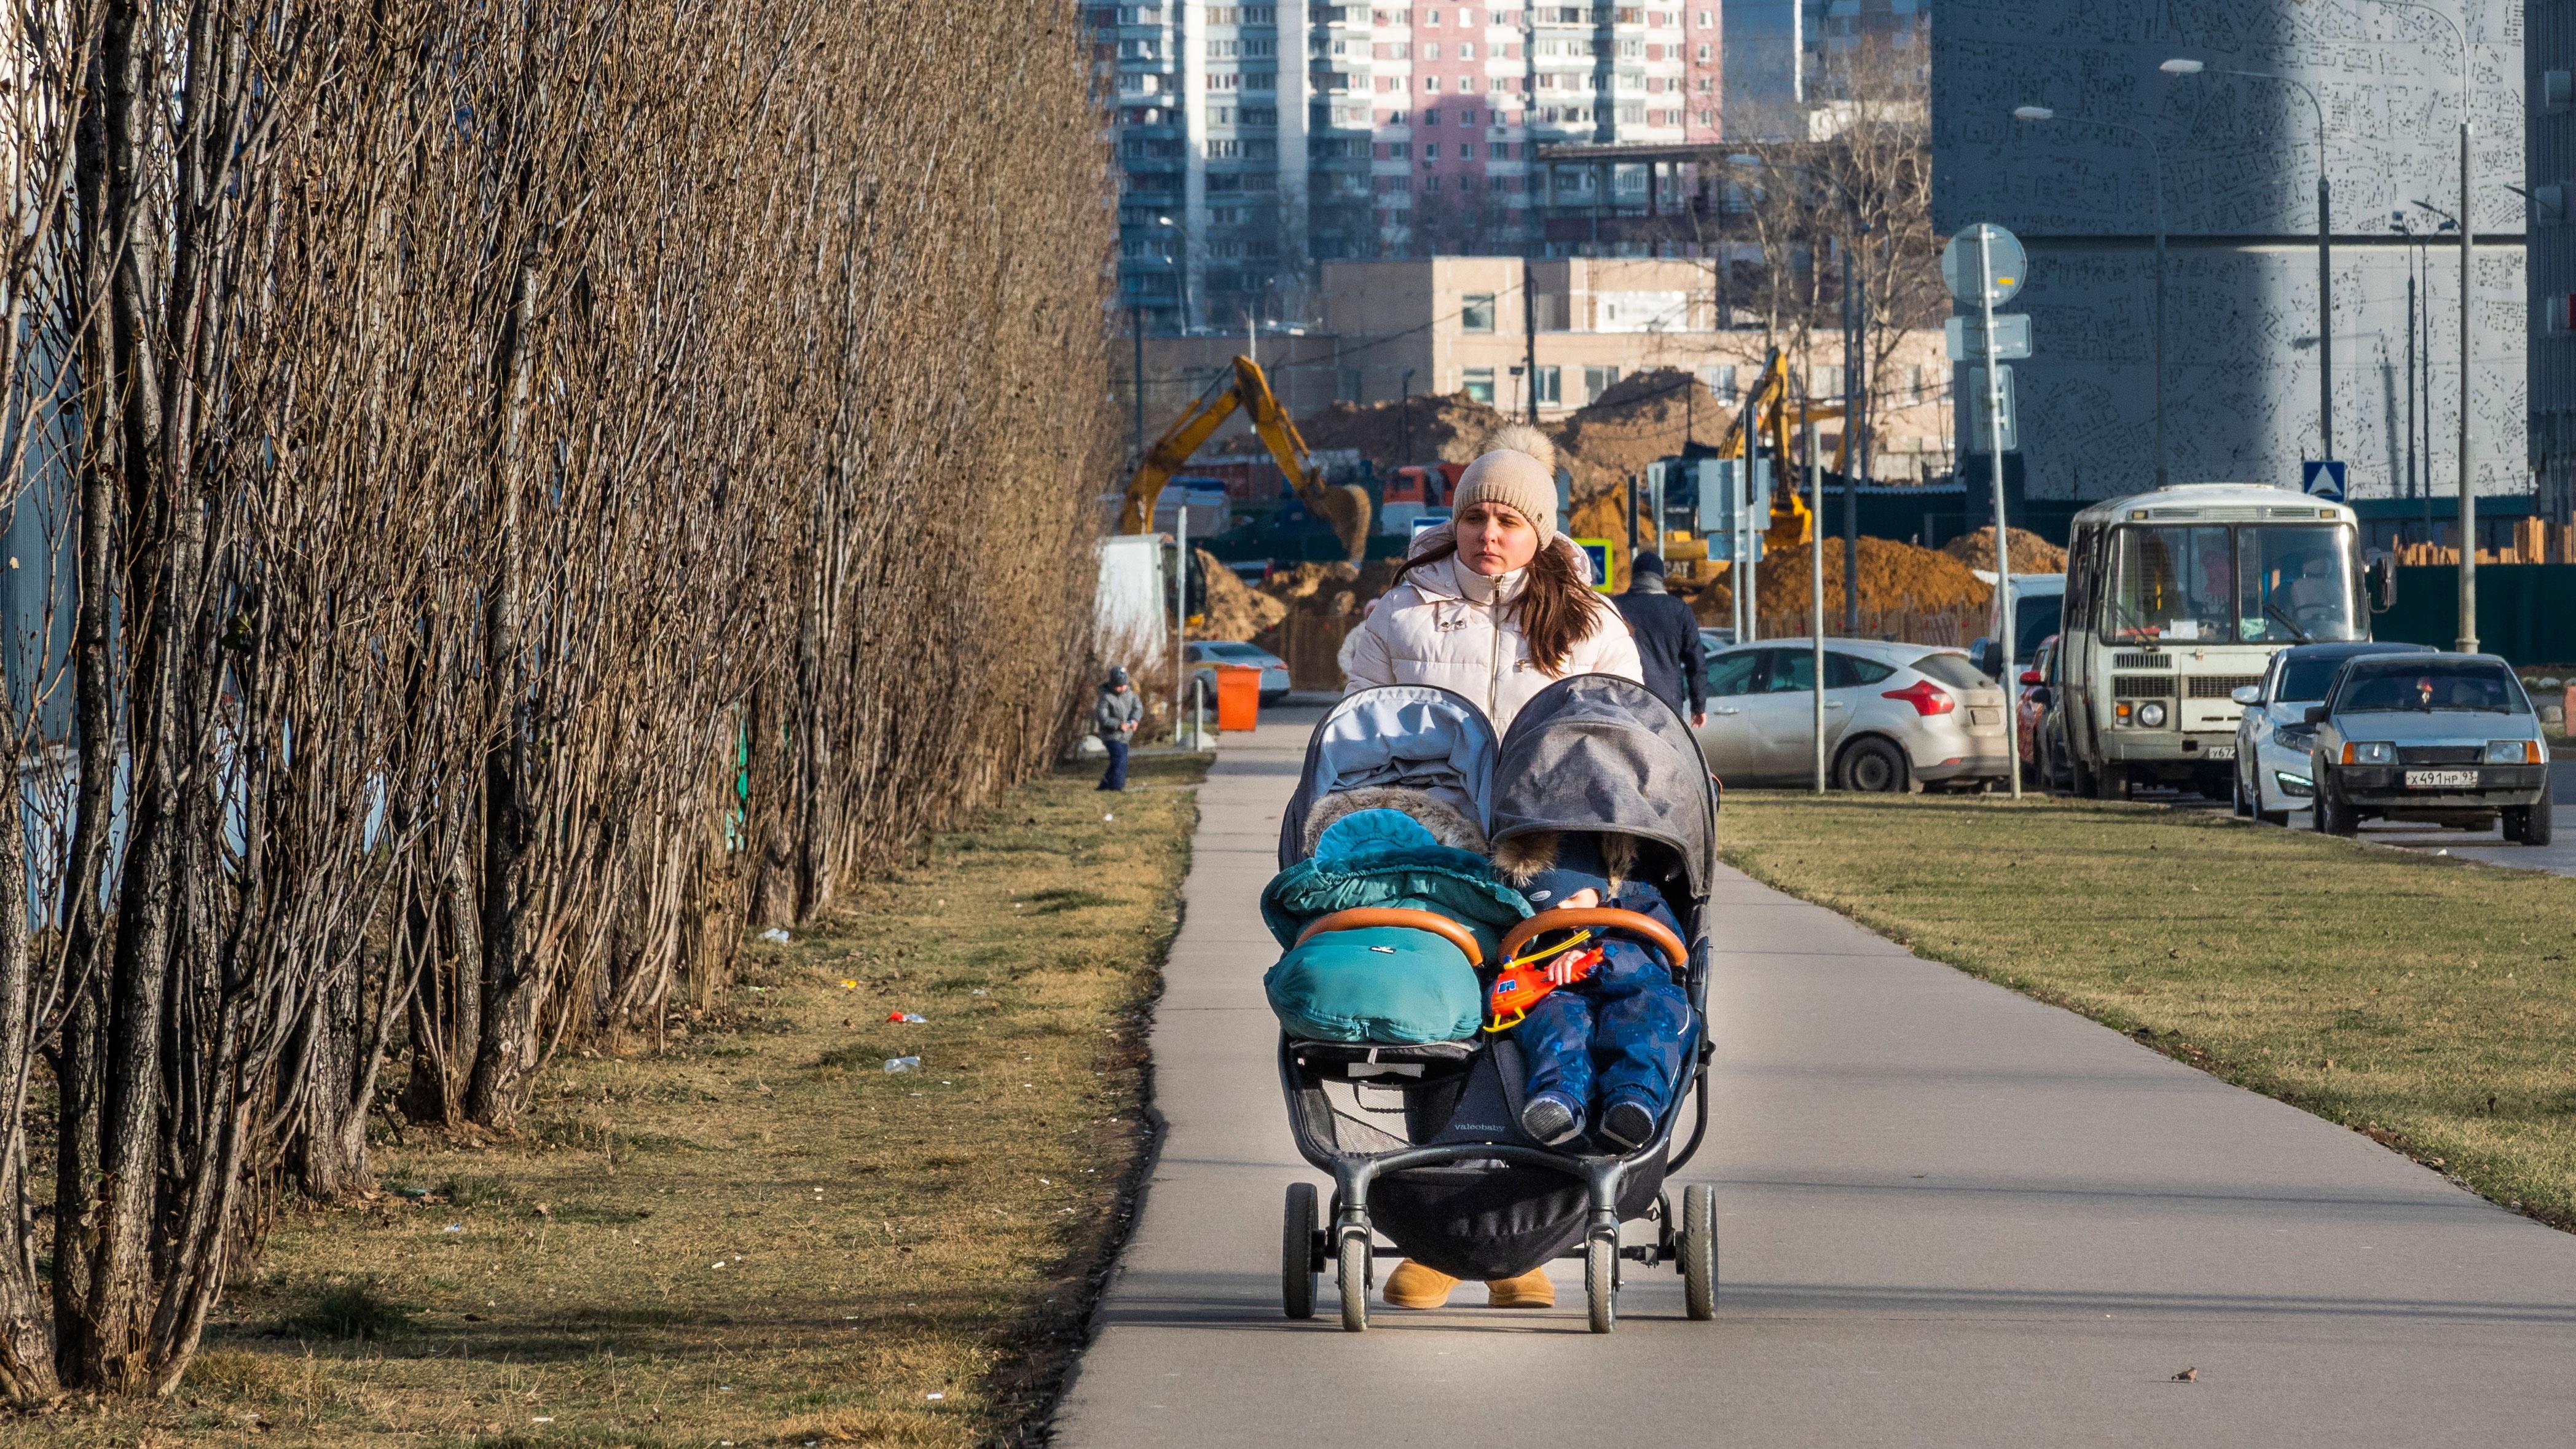 В России с 1 апреля начнут выплачивать по 5 тысяч рублей имеющим право на маткапитал семьям